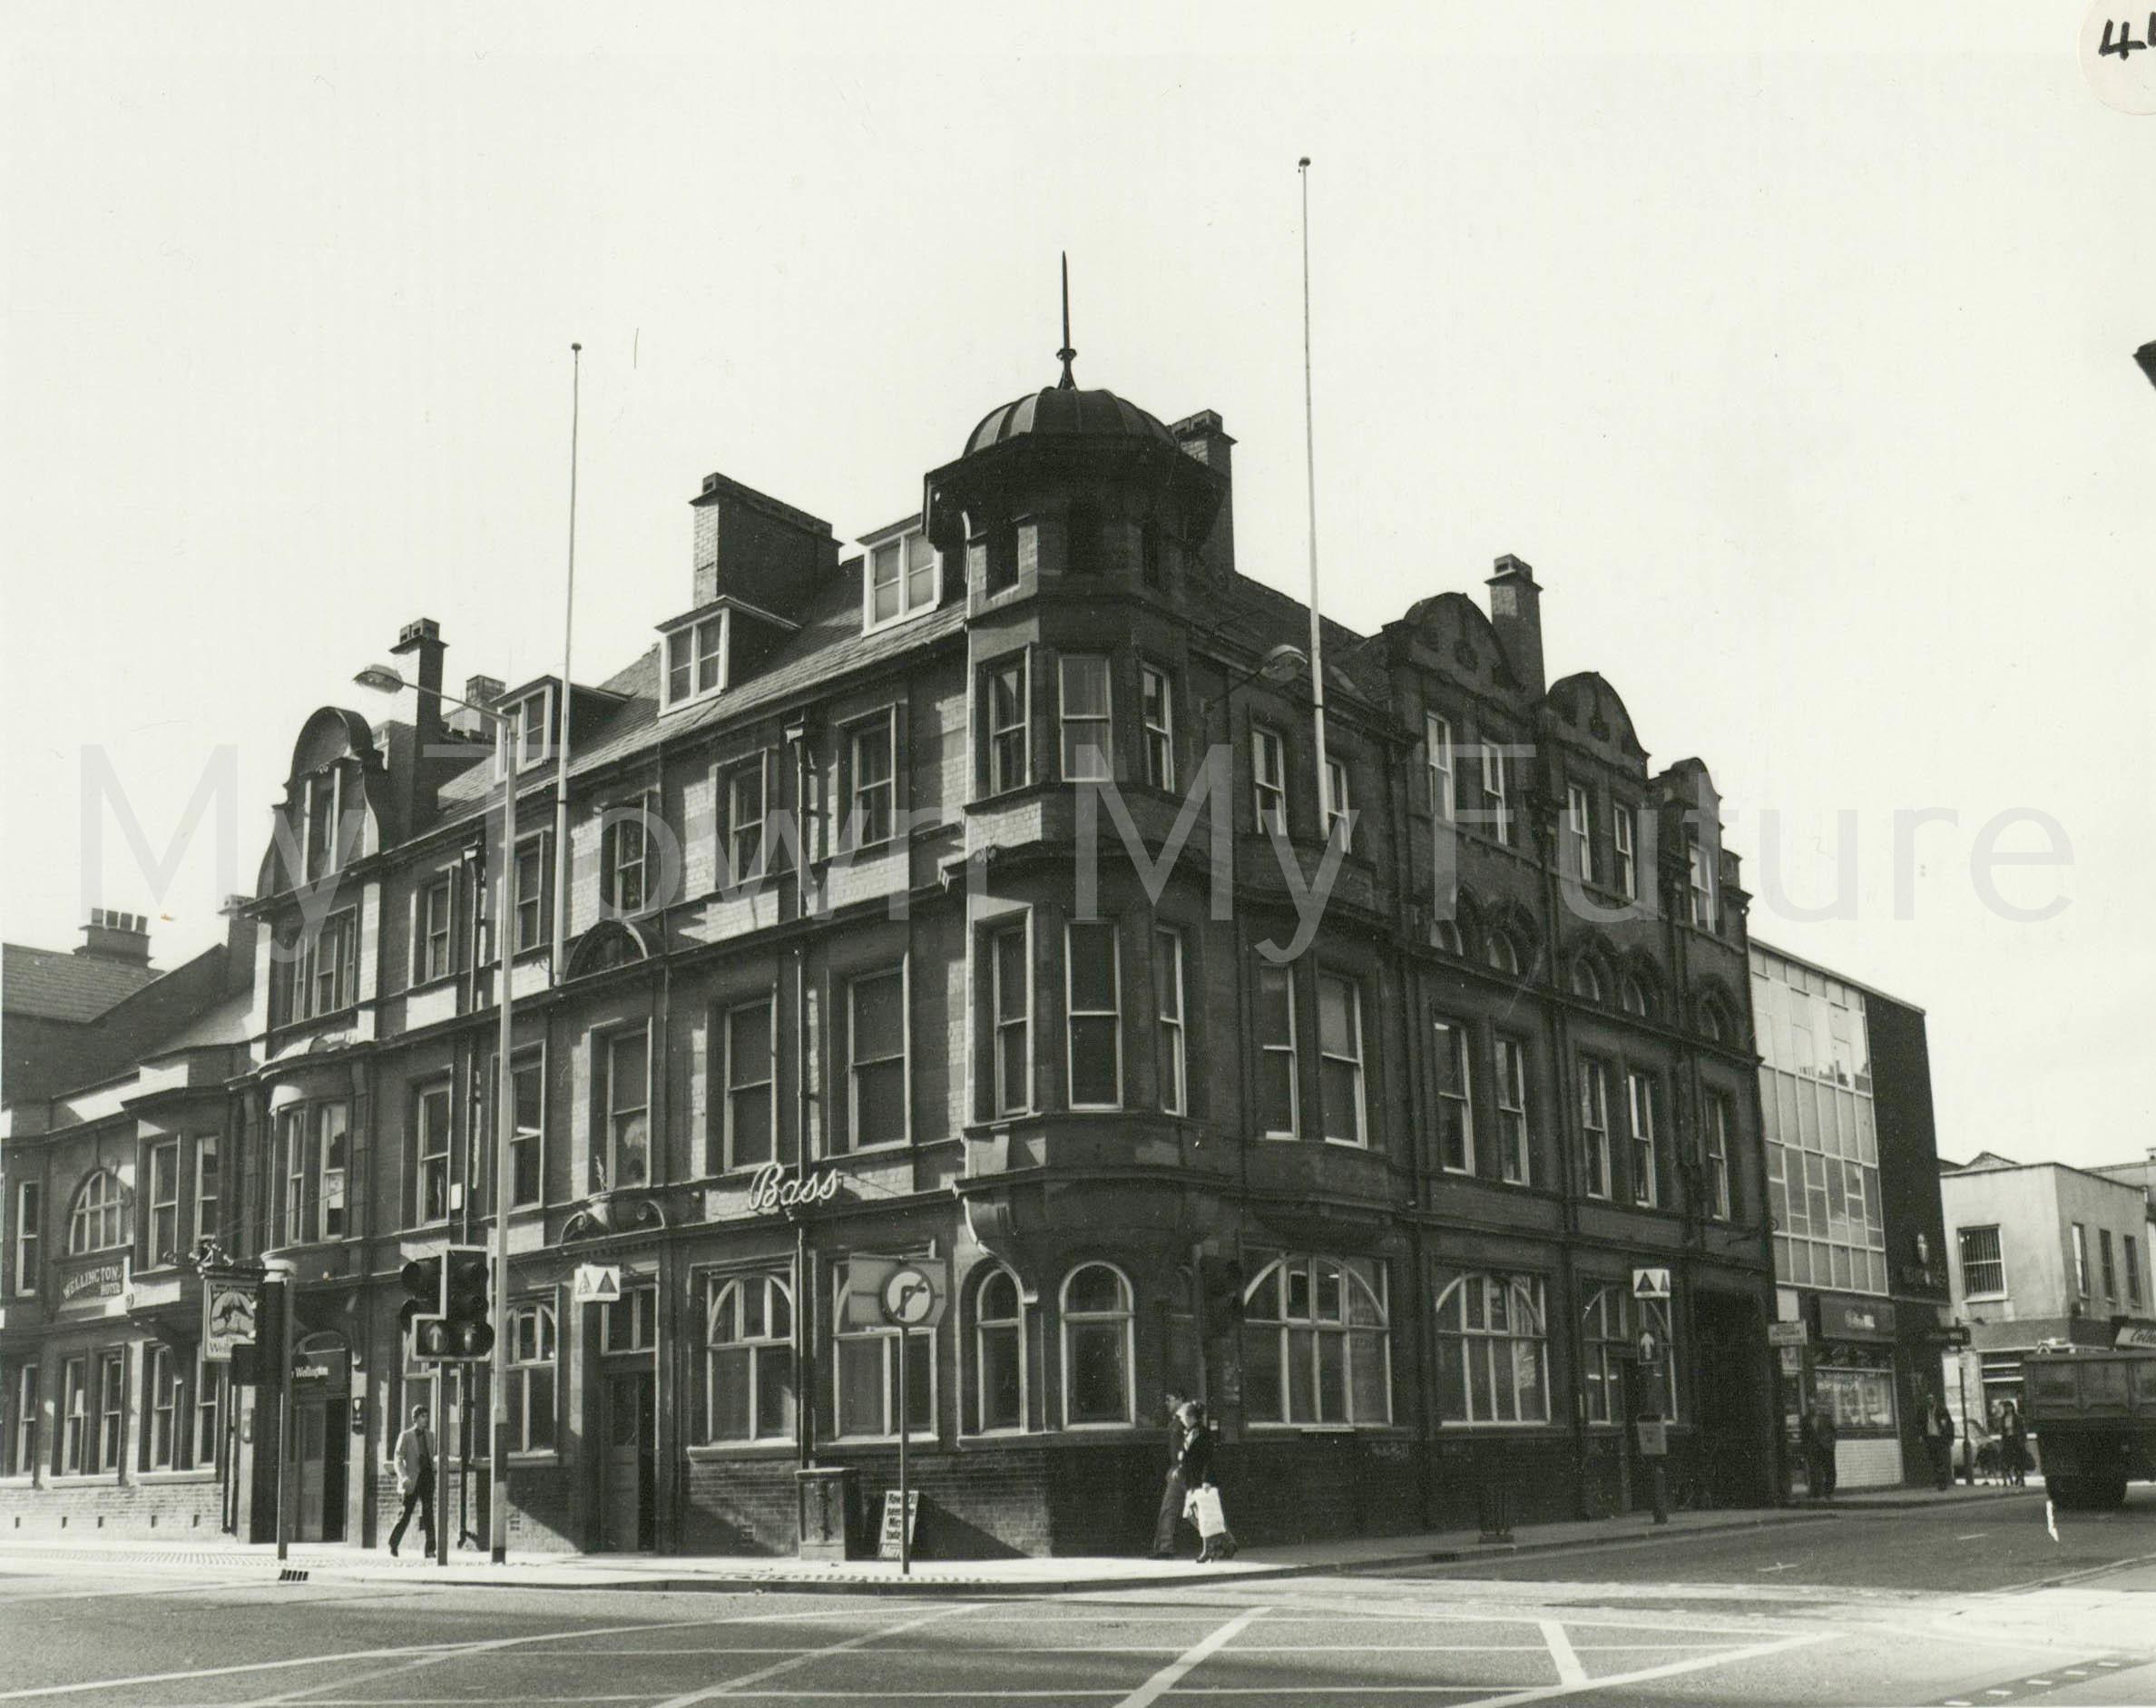 Wellington Hotel Albert Road